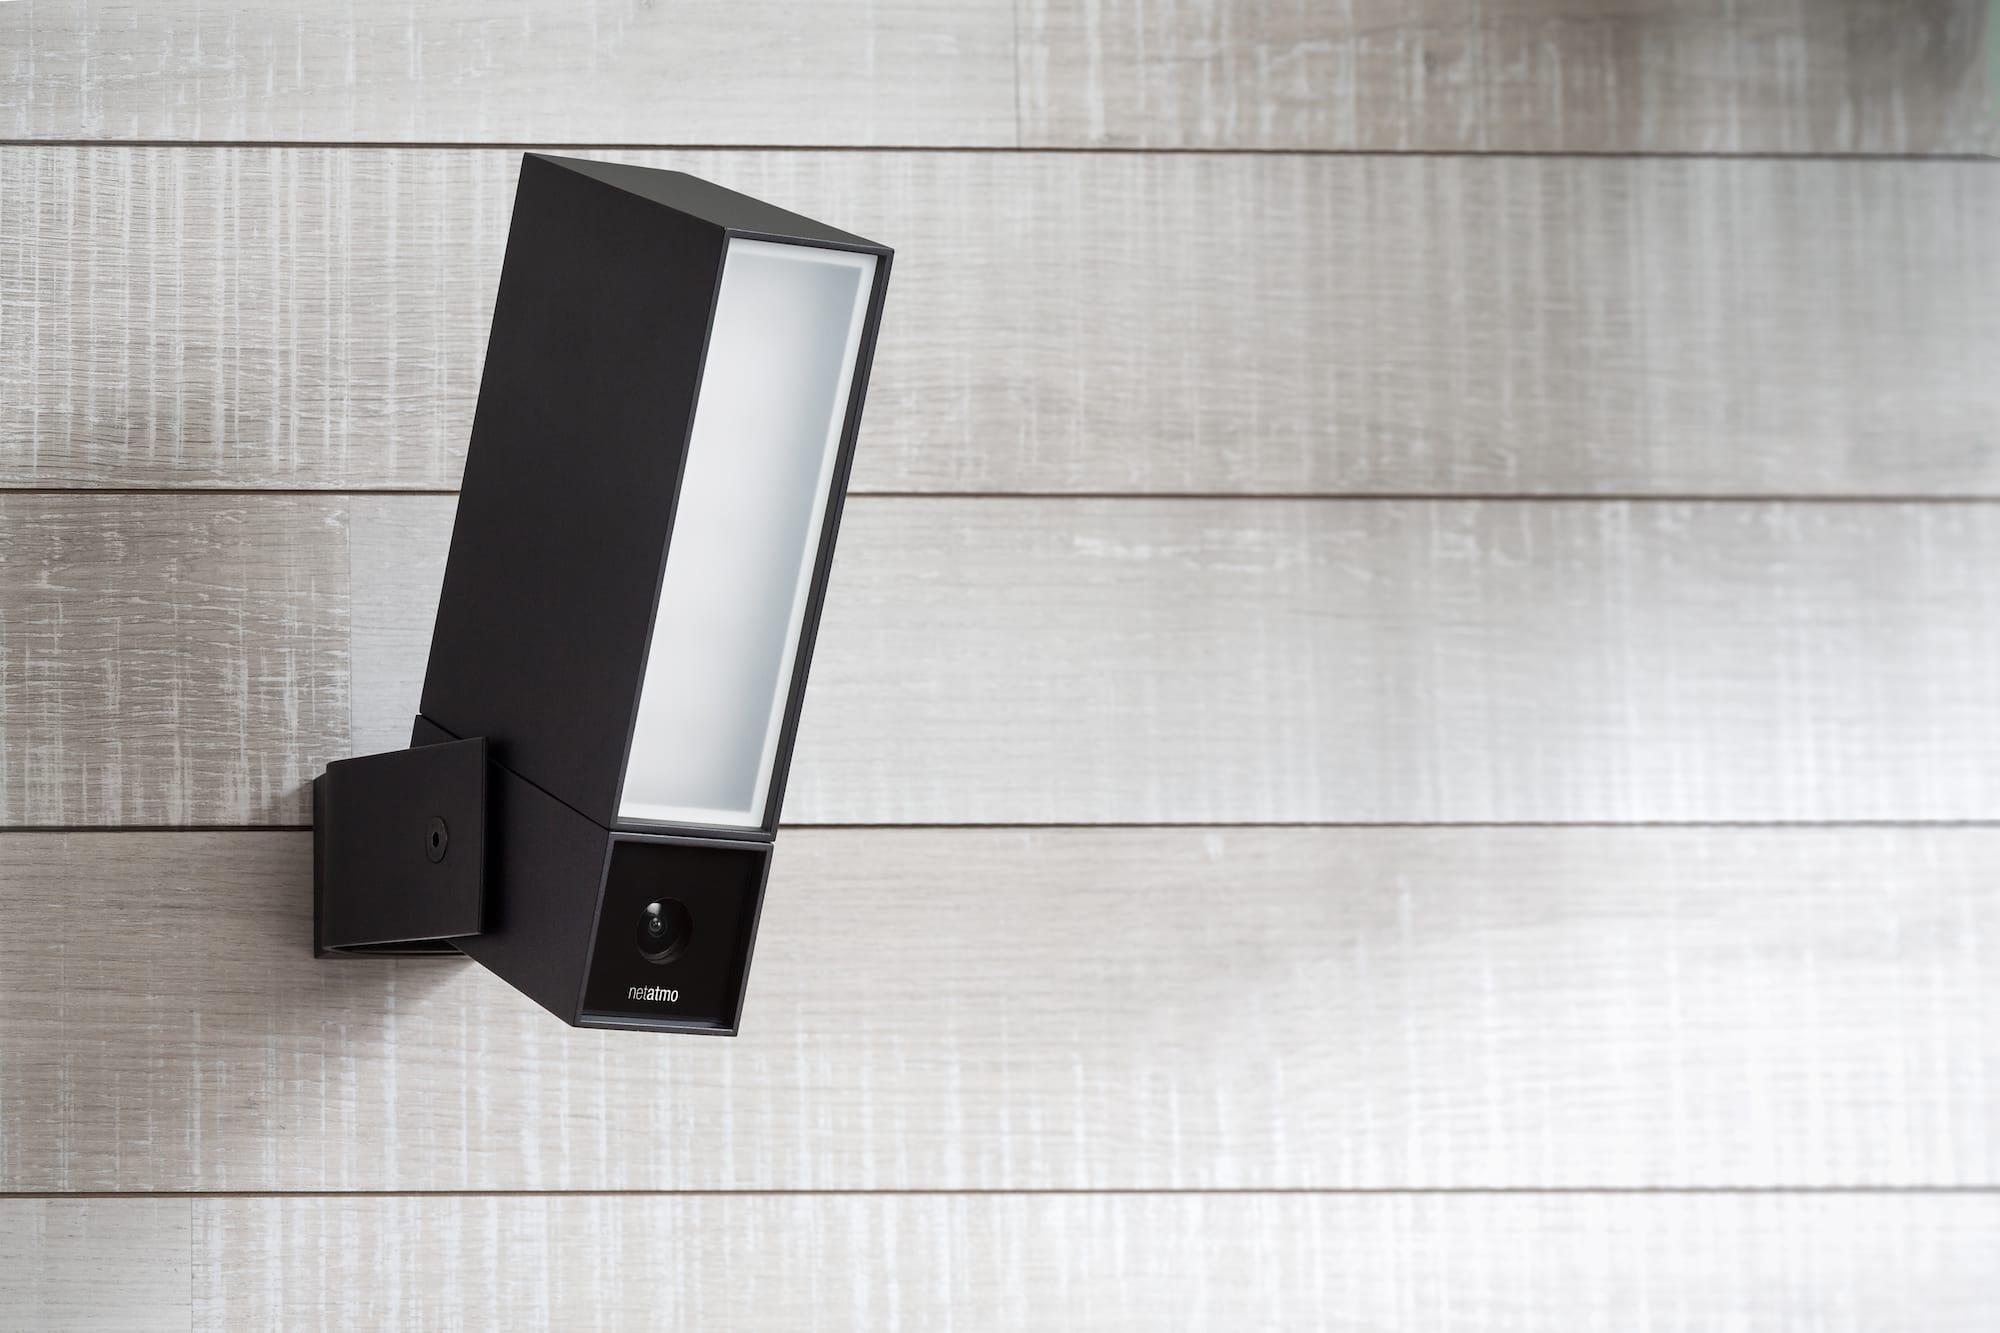 Recenzja Netatmo Presence – zewnętrzna inteligentna kamera z wbudowanym oświetleniem i funkcją wykrywania obiektów